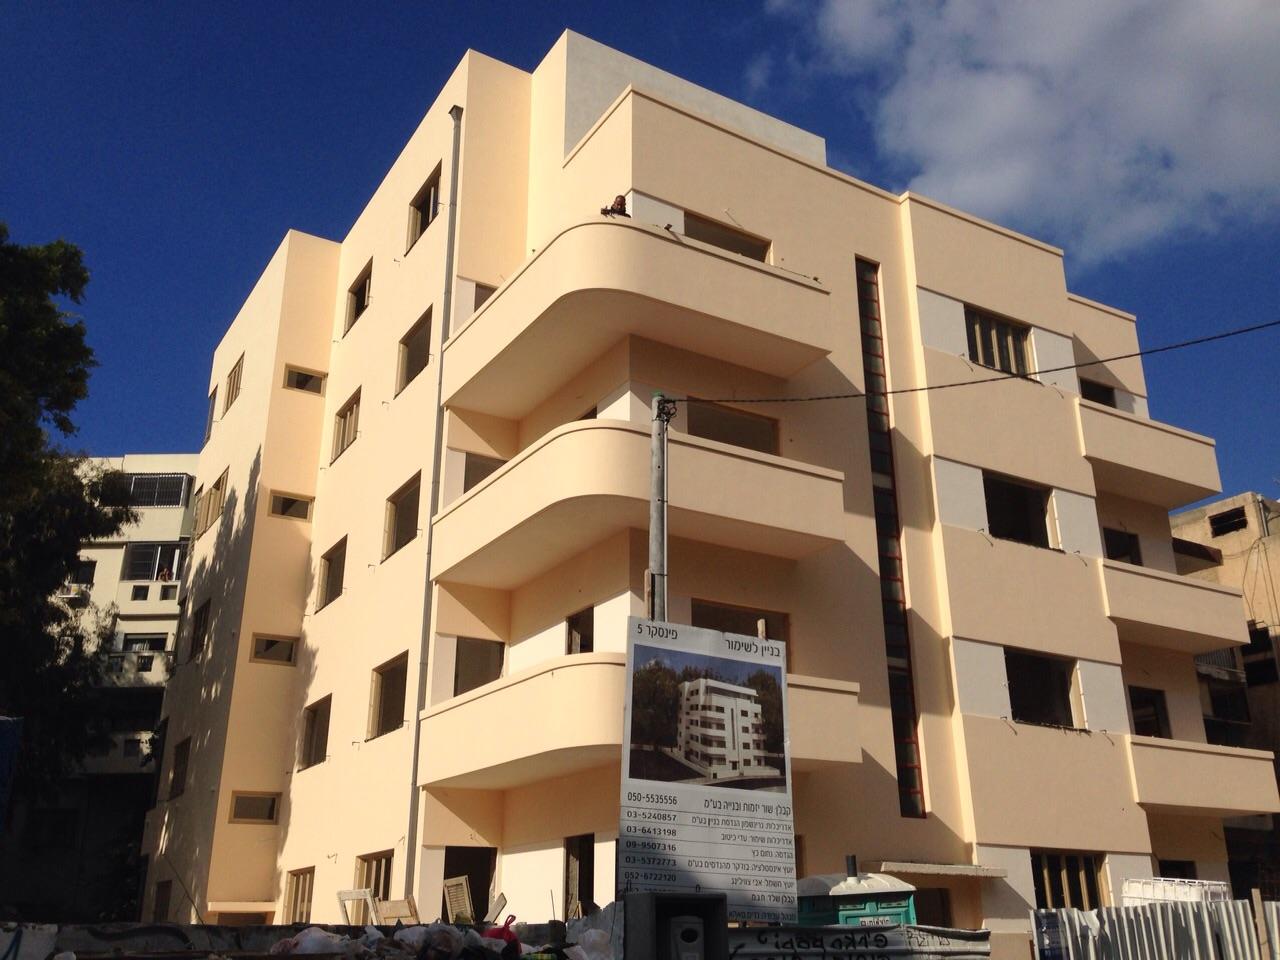 פינסקר 5 תל אביב